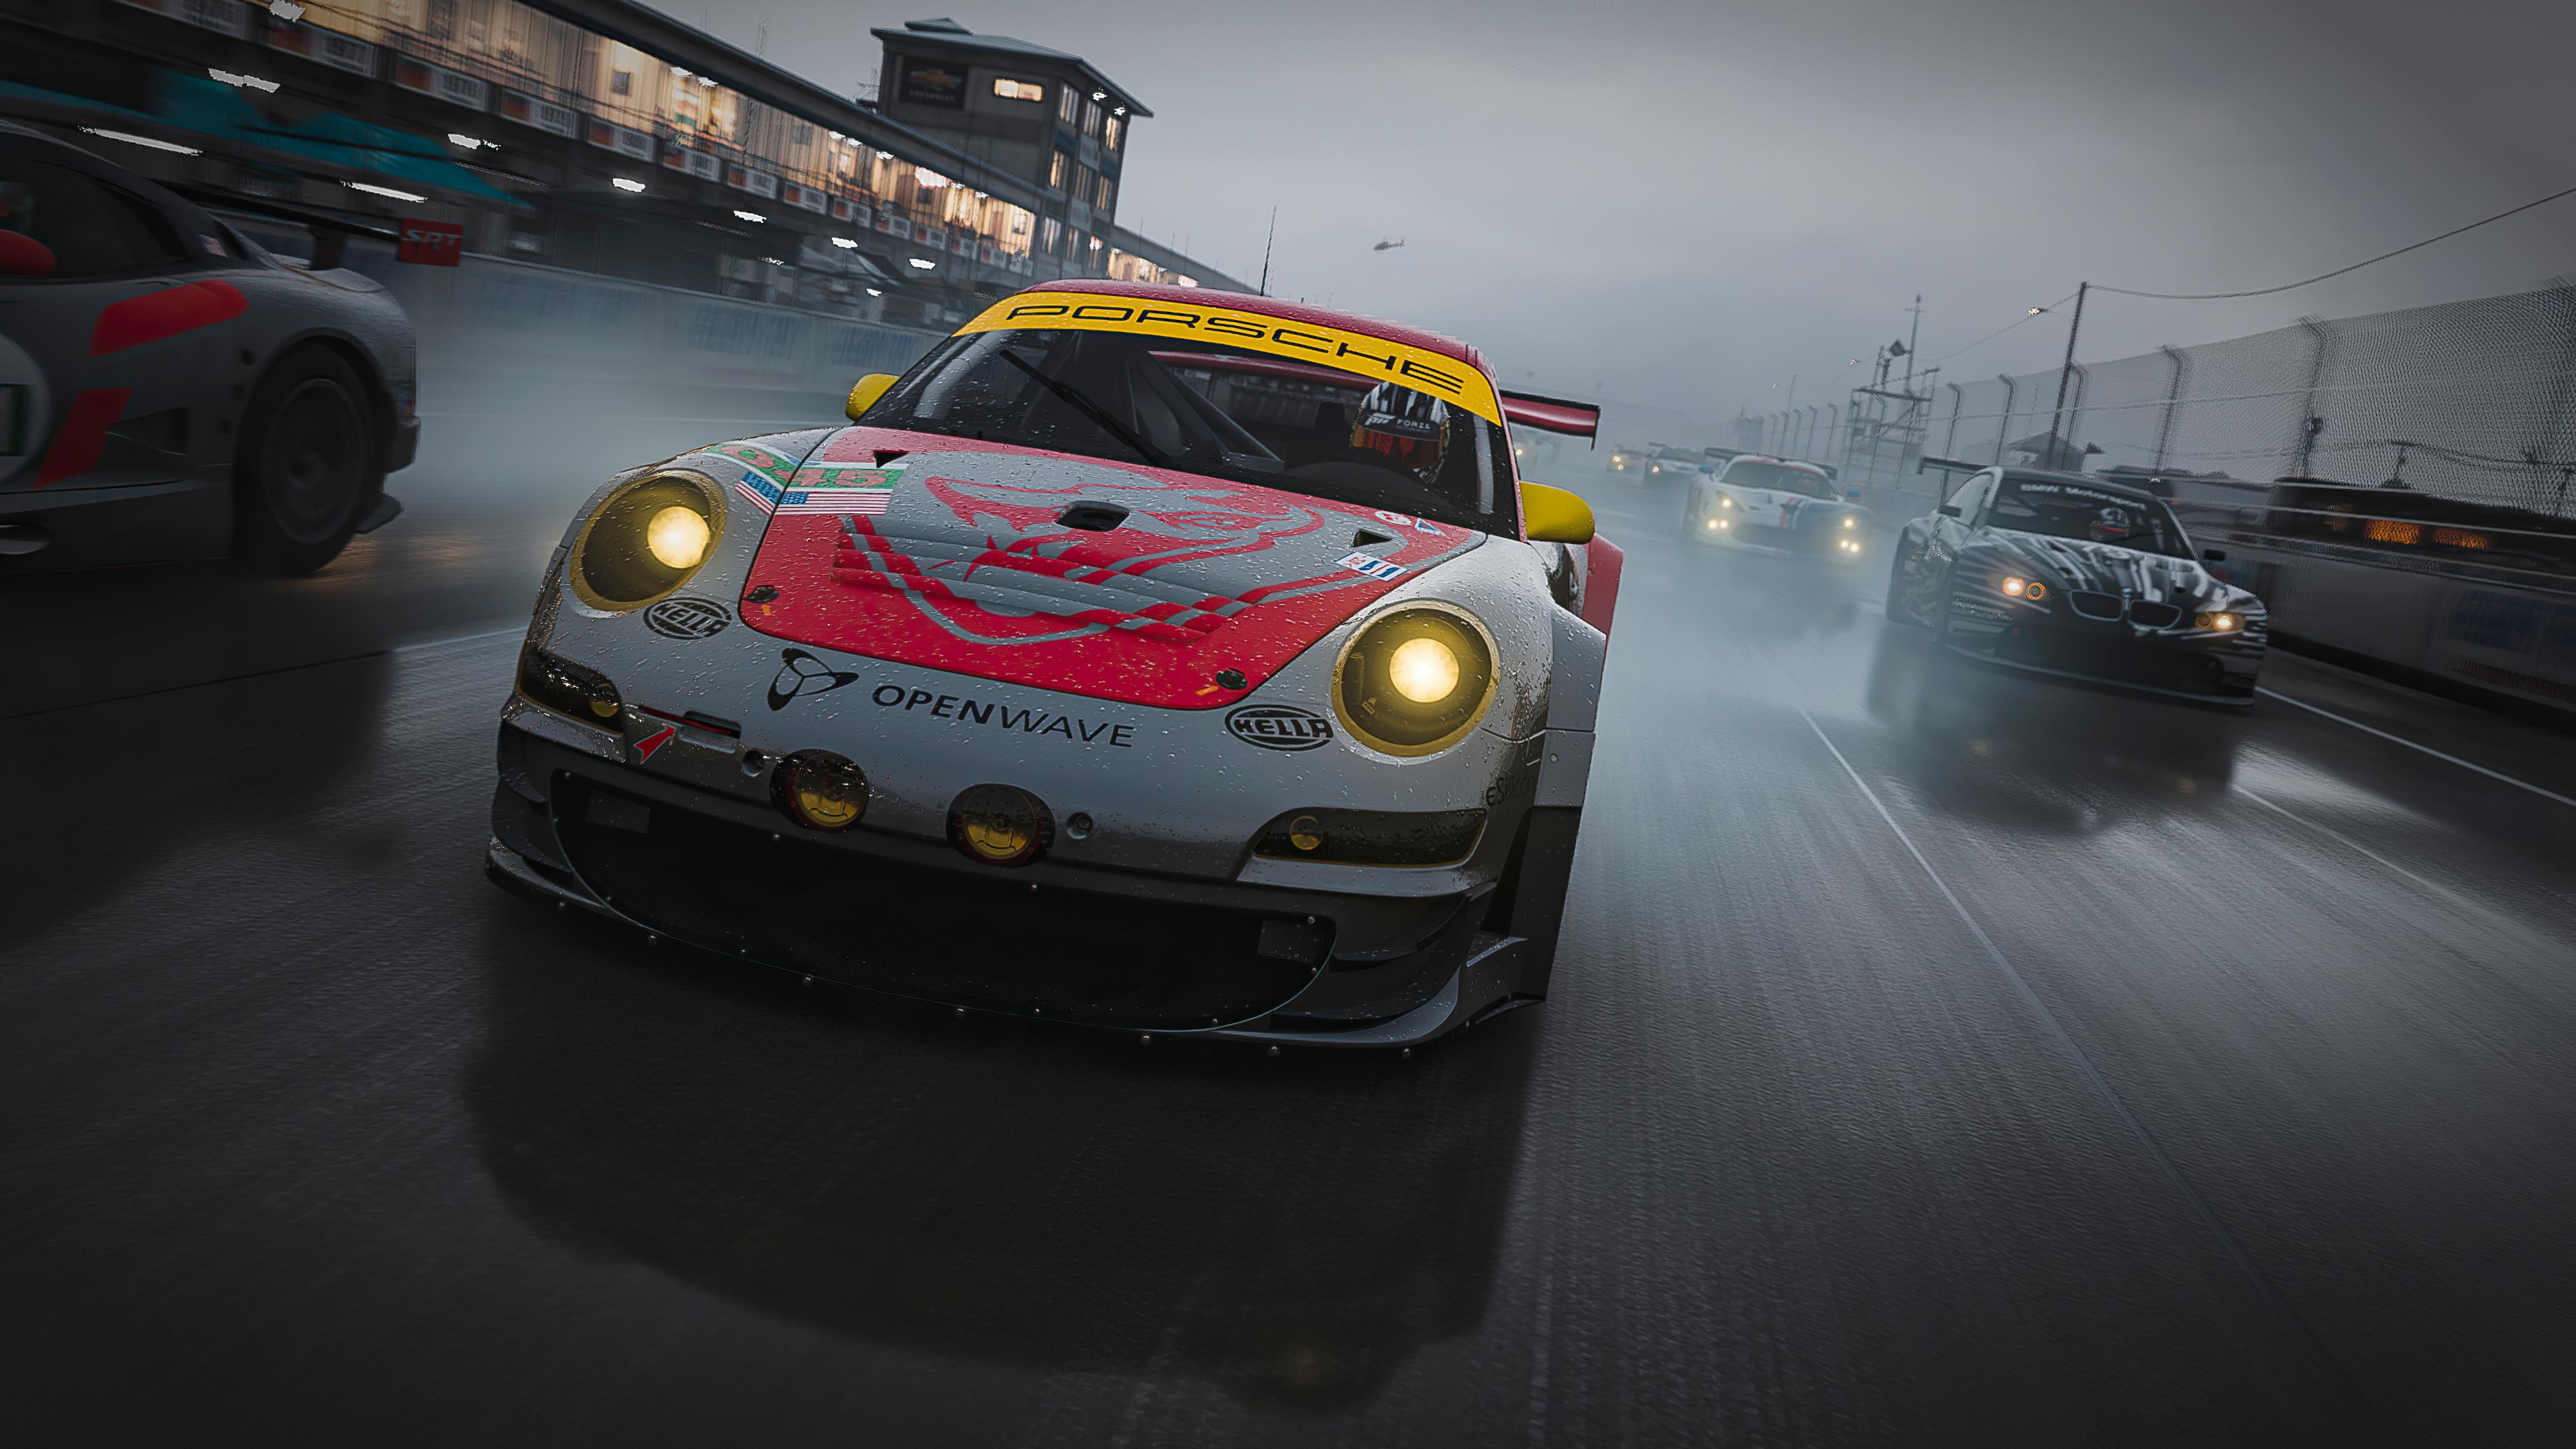 forza motosport 7 porsche 911 gtrsr 1578851425 - Forza Motosport 7 Porsche 911 Gtrsr - Forza Motosport 7 Porsche 911 Gtrsr 4k wallpaper